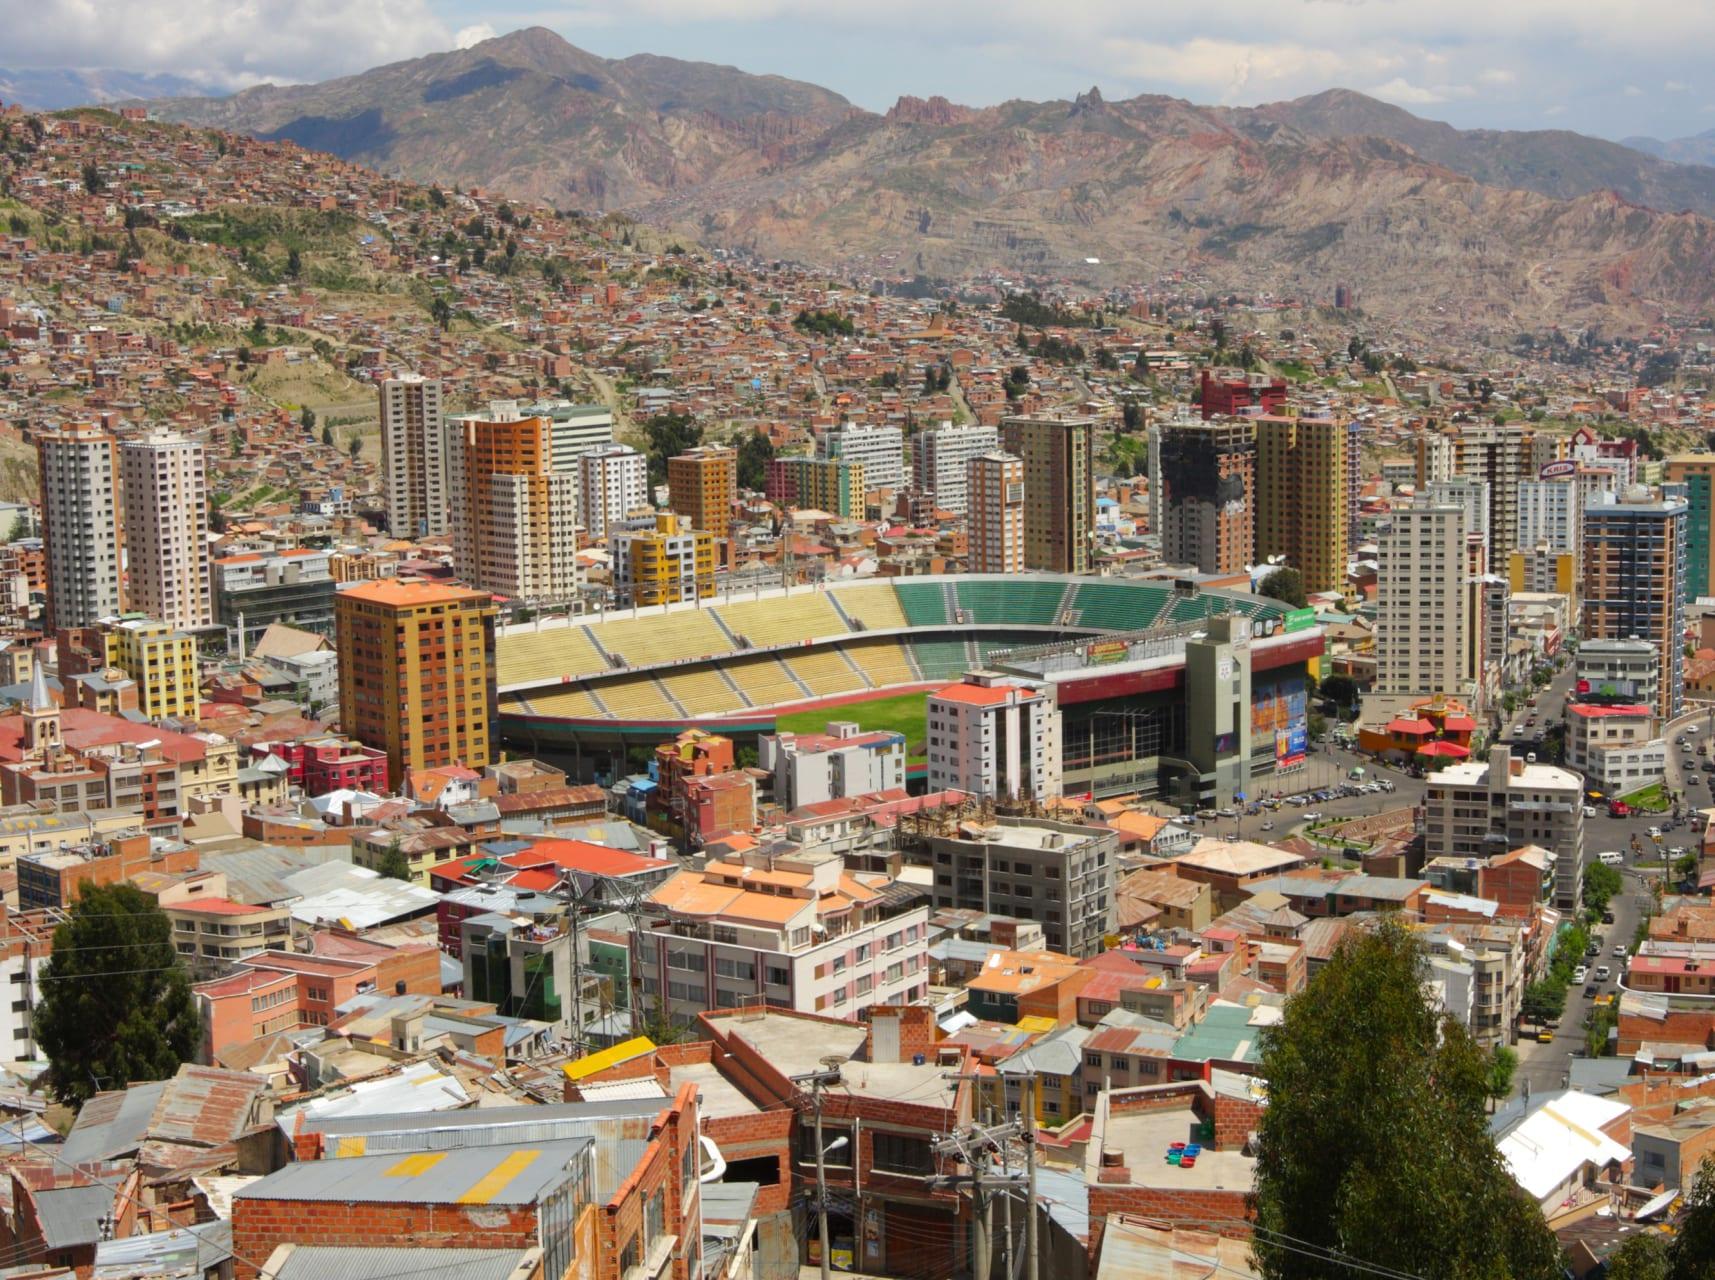 La Paz - La Paz Viewpoint: Killi Killi